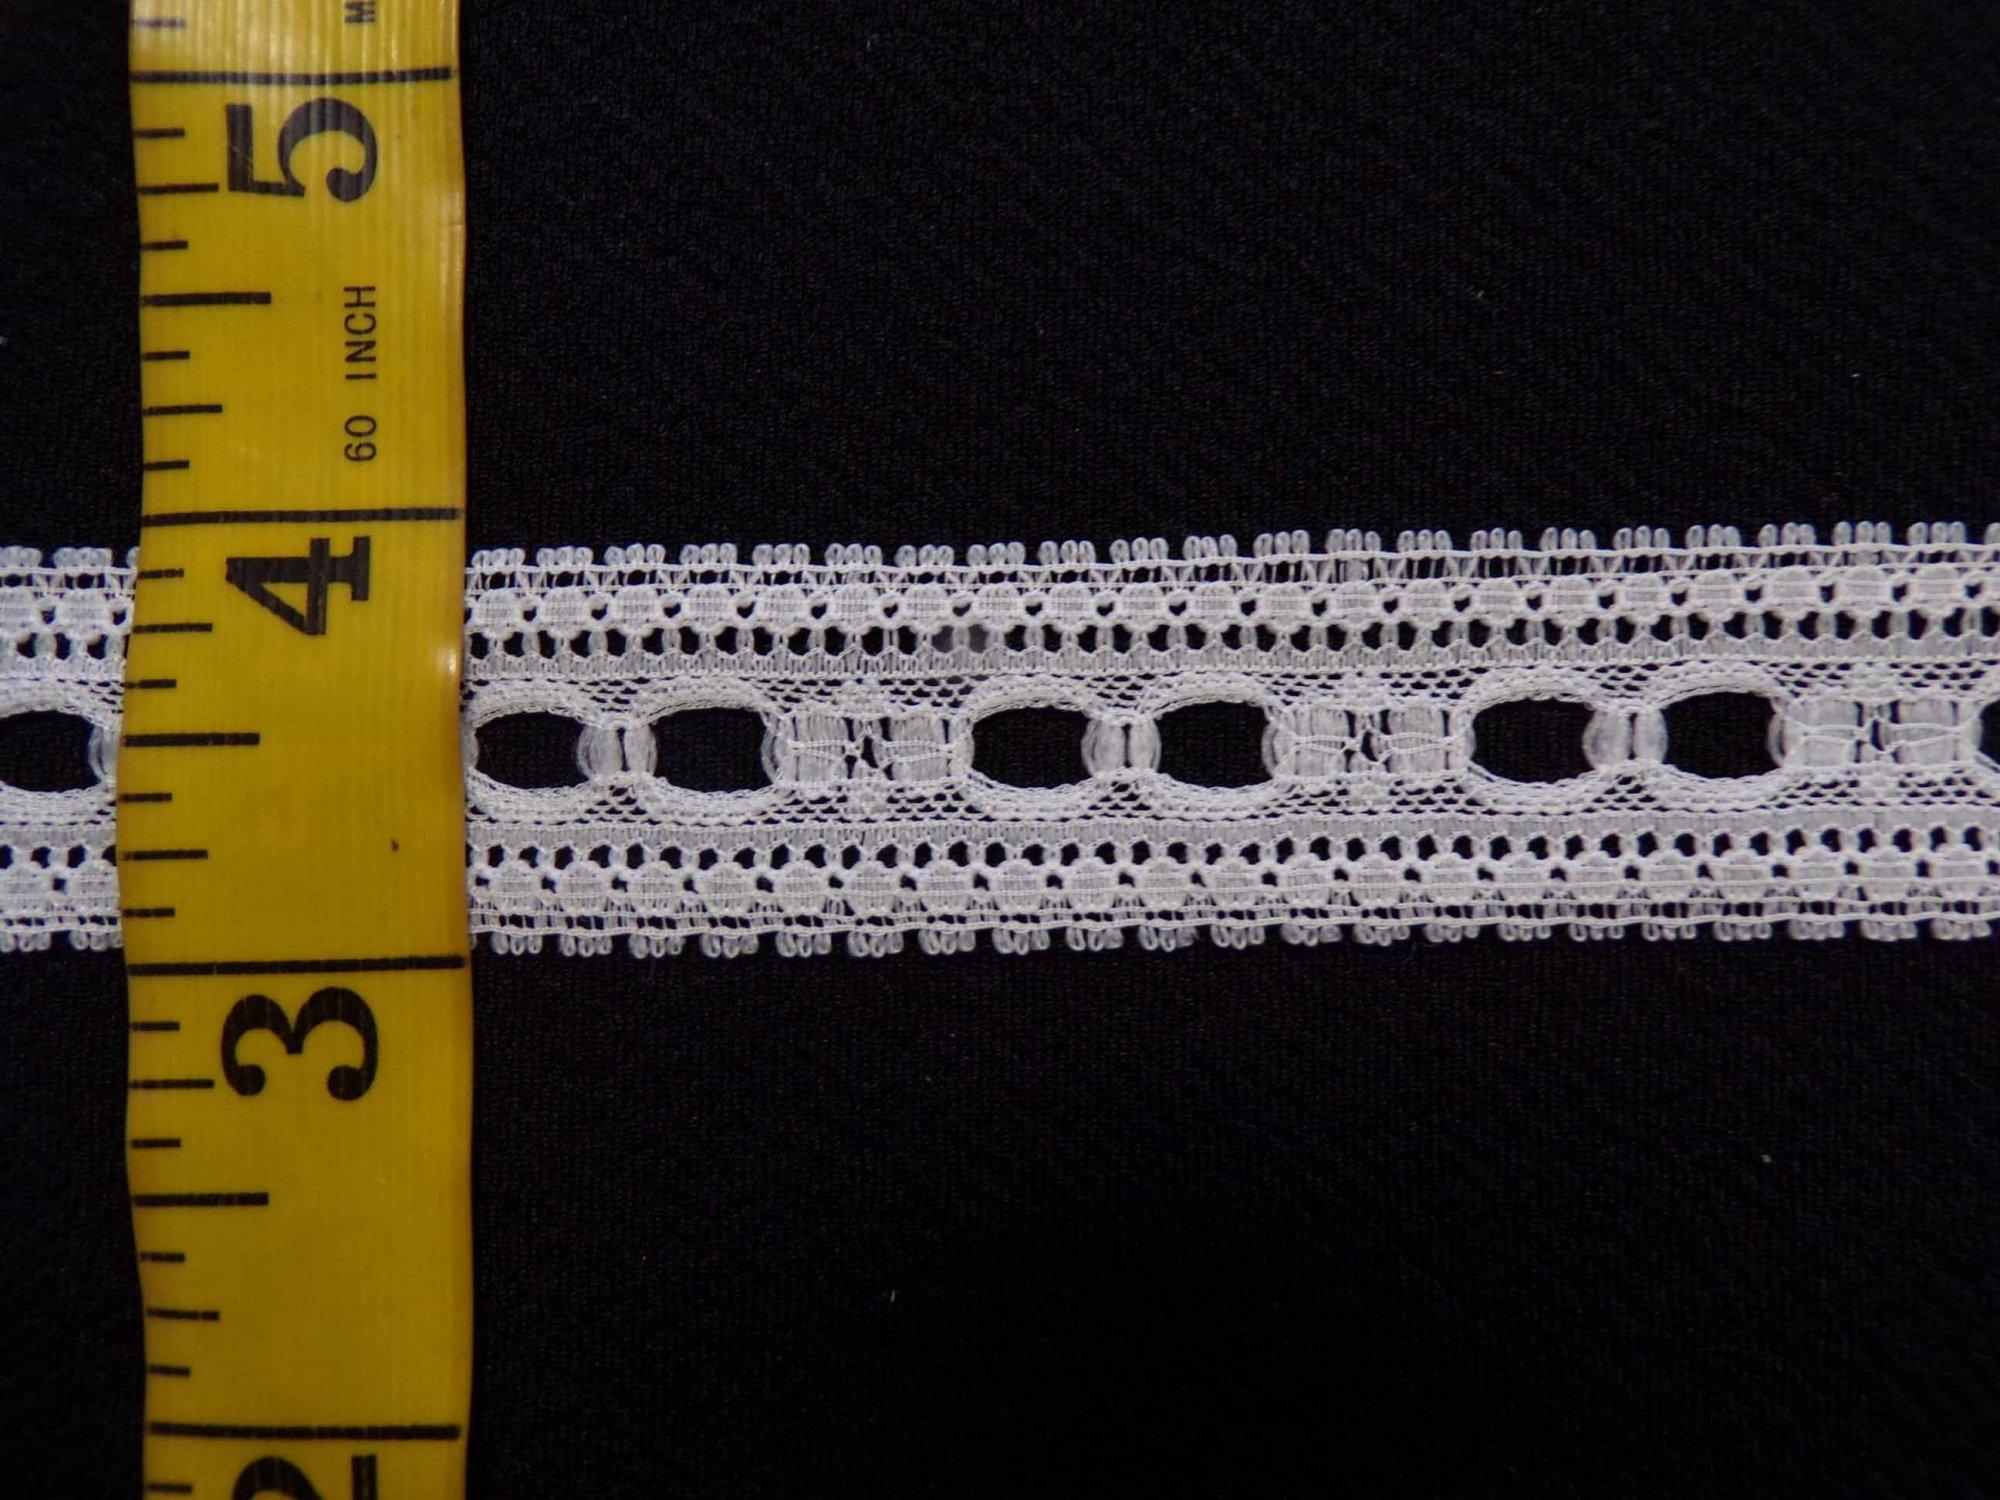 1  Insertion Beading Lace - Raw White